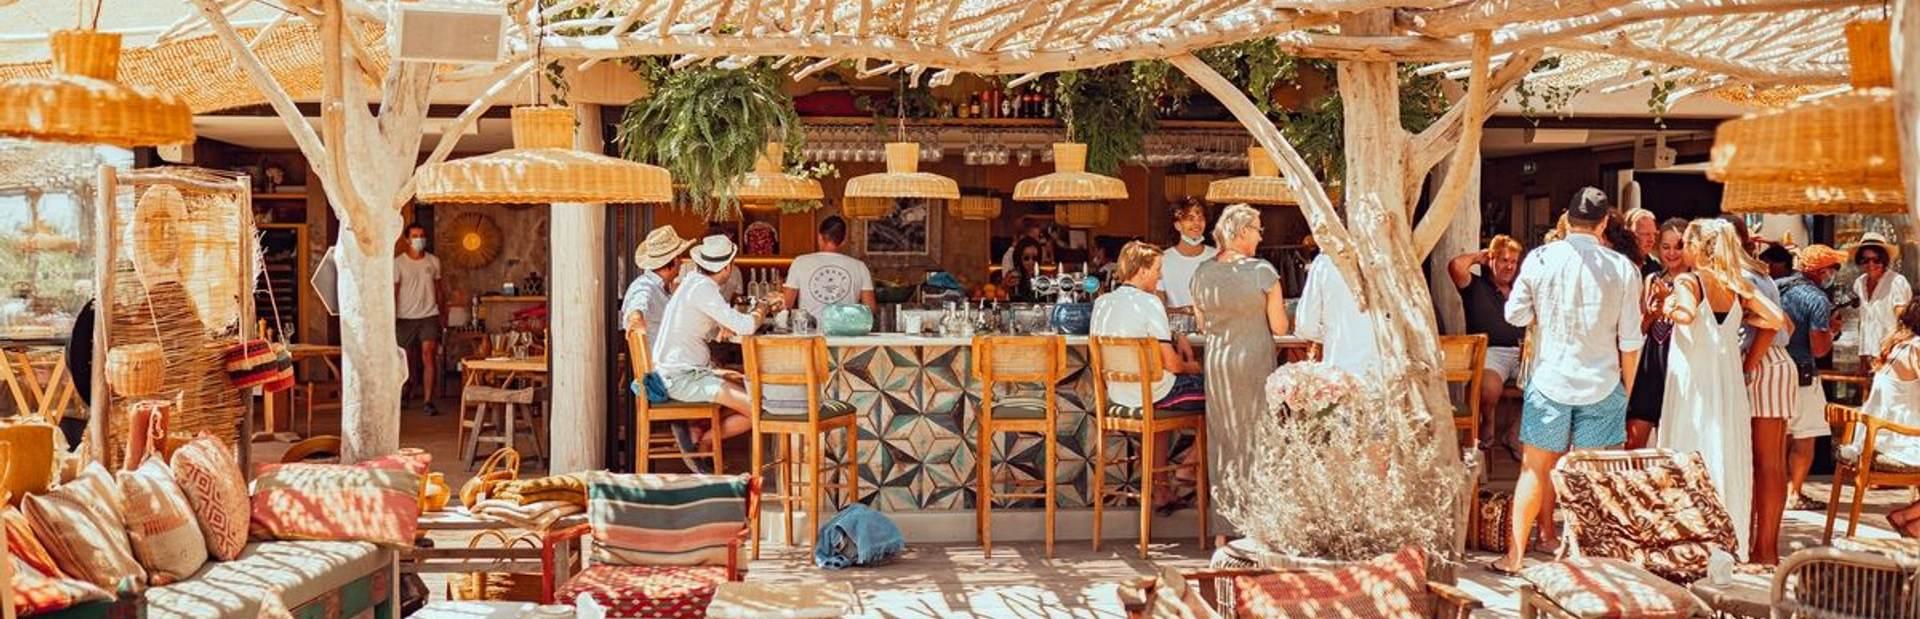 La Cabane Bambou Image 1